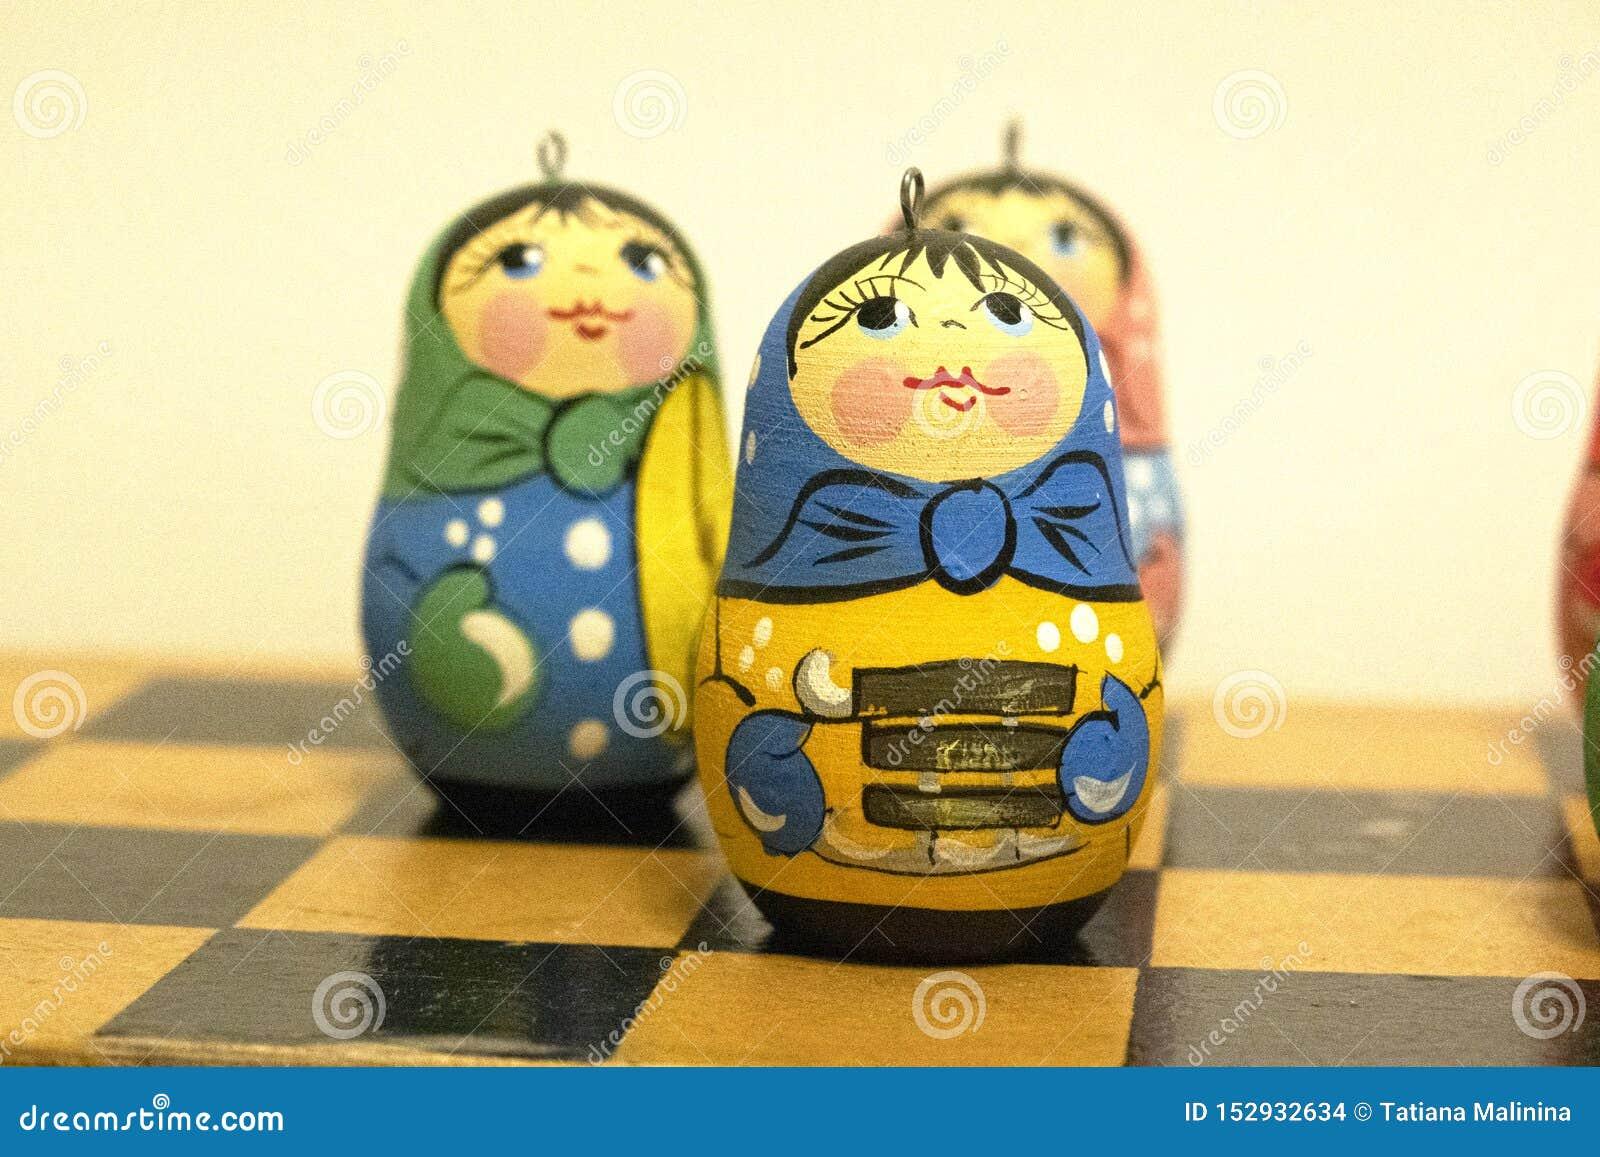 Νέα παιχνίδια έτους s, μικρές ρωσικές κούκλες, φωτεινά παιχνίδια, εορτασμός